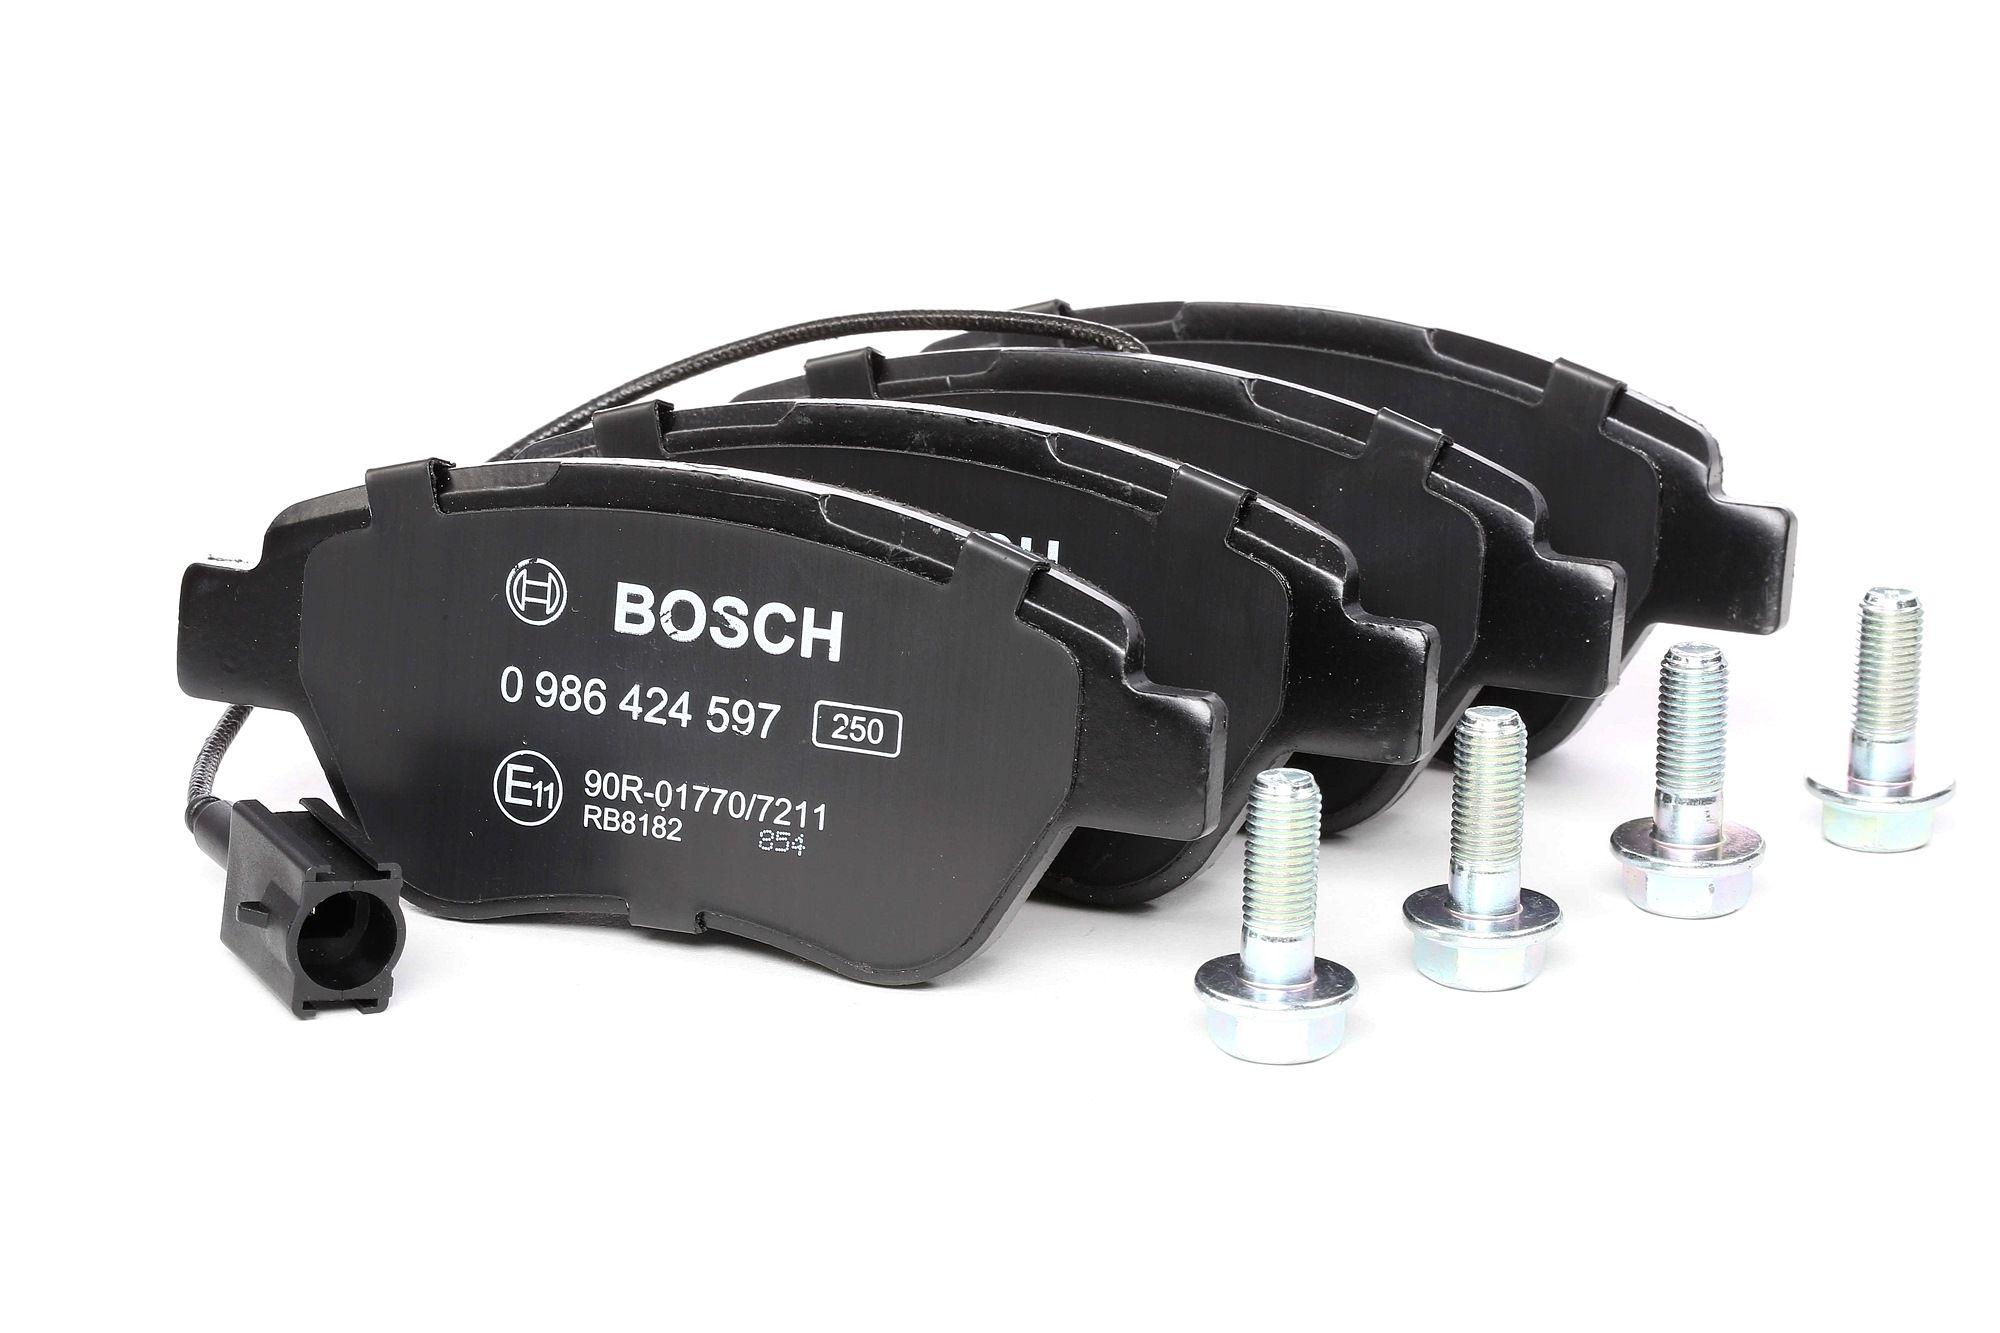 Bremsbelagsatz BOSCH E1190R017707211 Bewertung